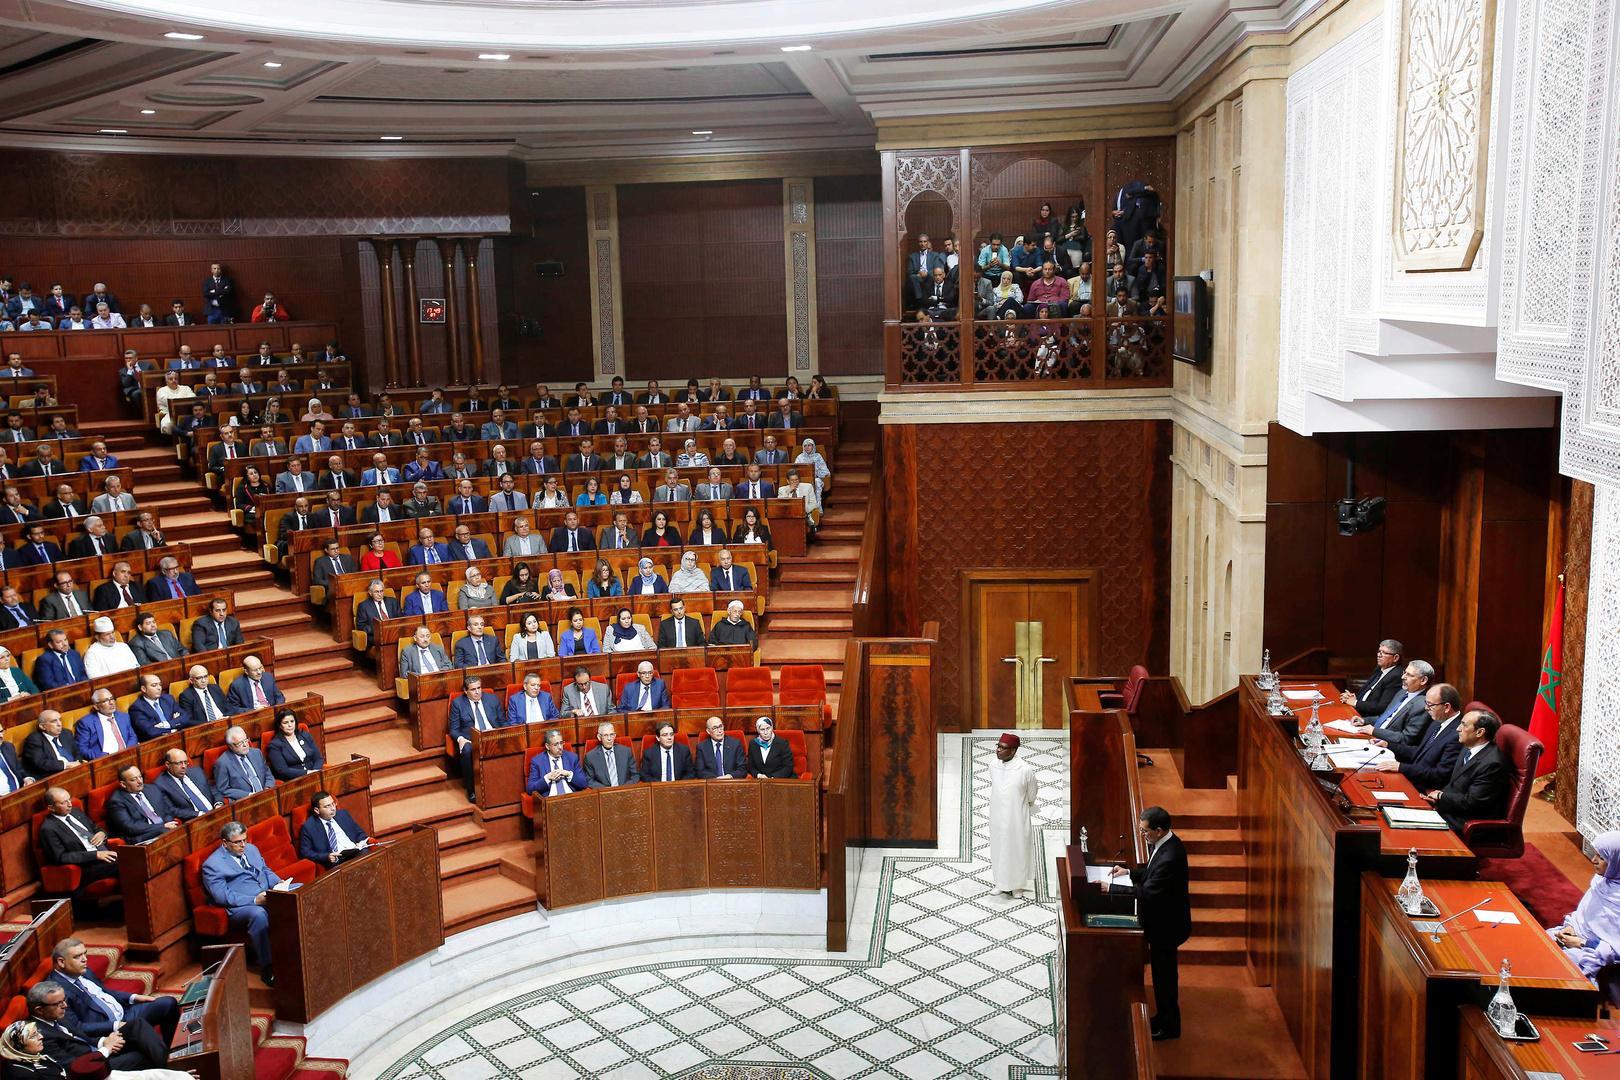 البرلمان المغربي في العاصمة الرباط.